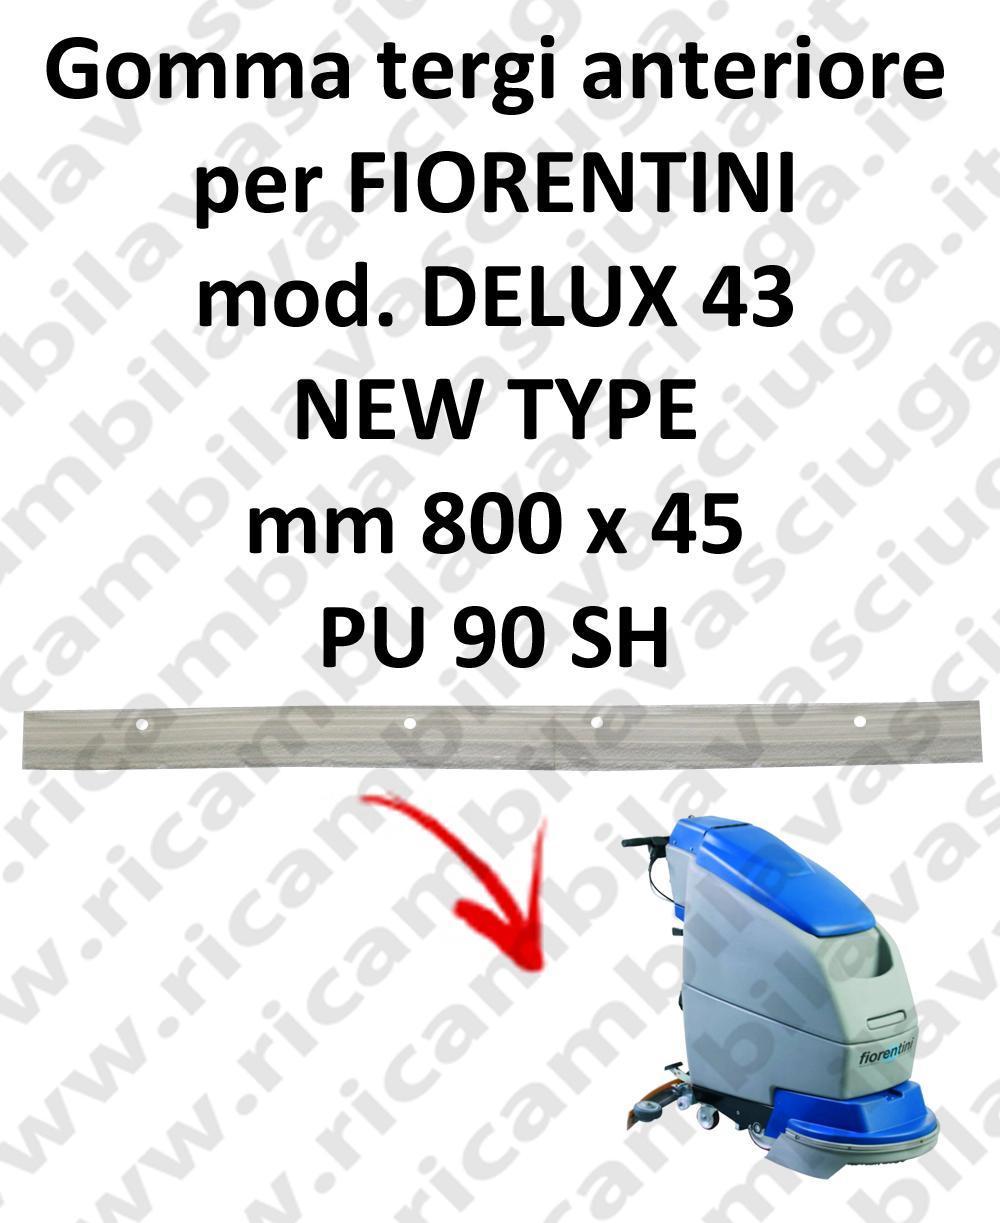 DELUX 43 new type BAVETTE AVANT pour autolaveuses FIORENTINI